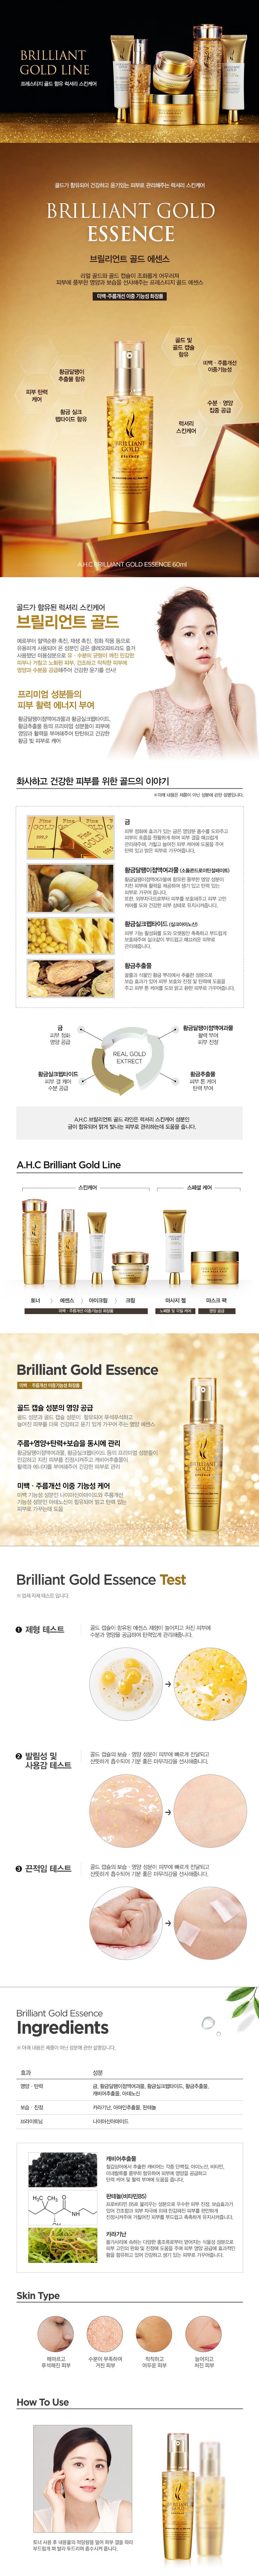 AHC Brilliant Gold Essence 60ml malaysia singapore indonesia